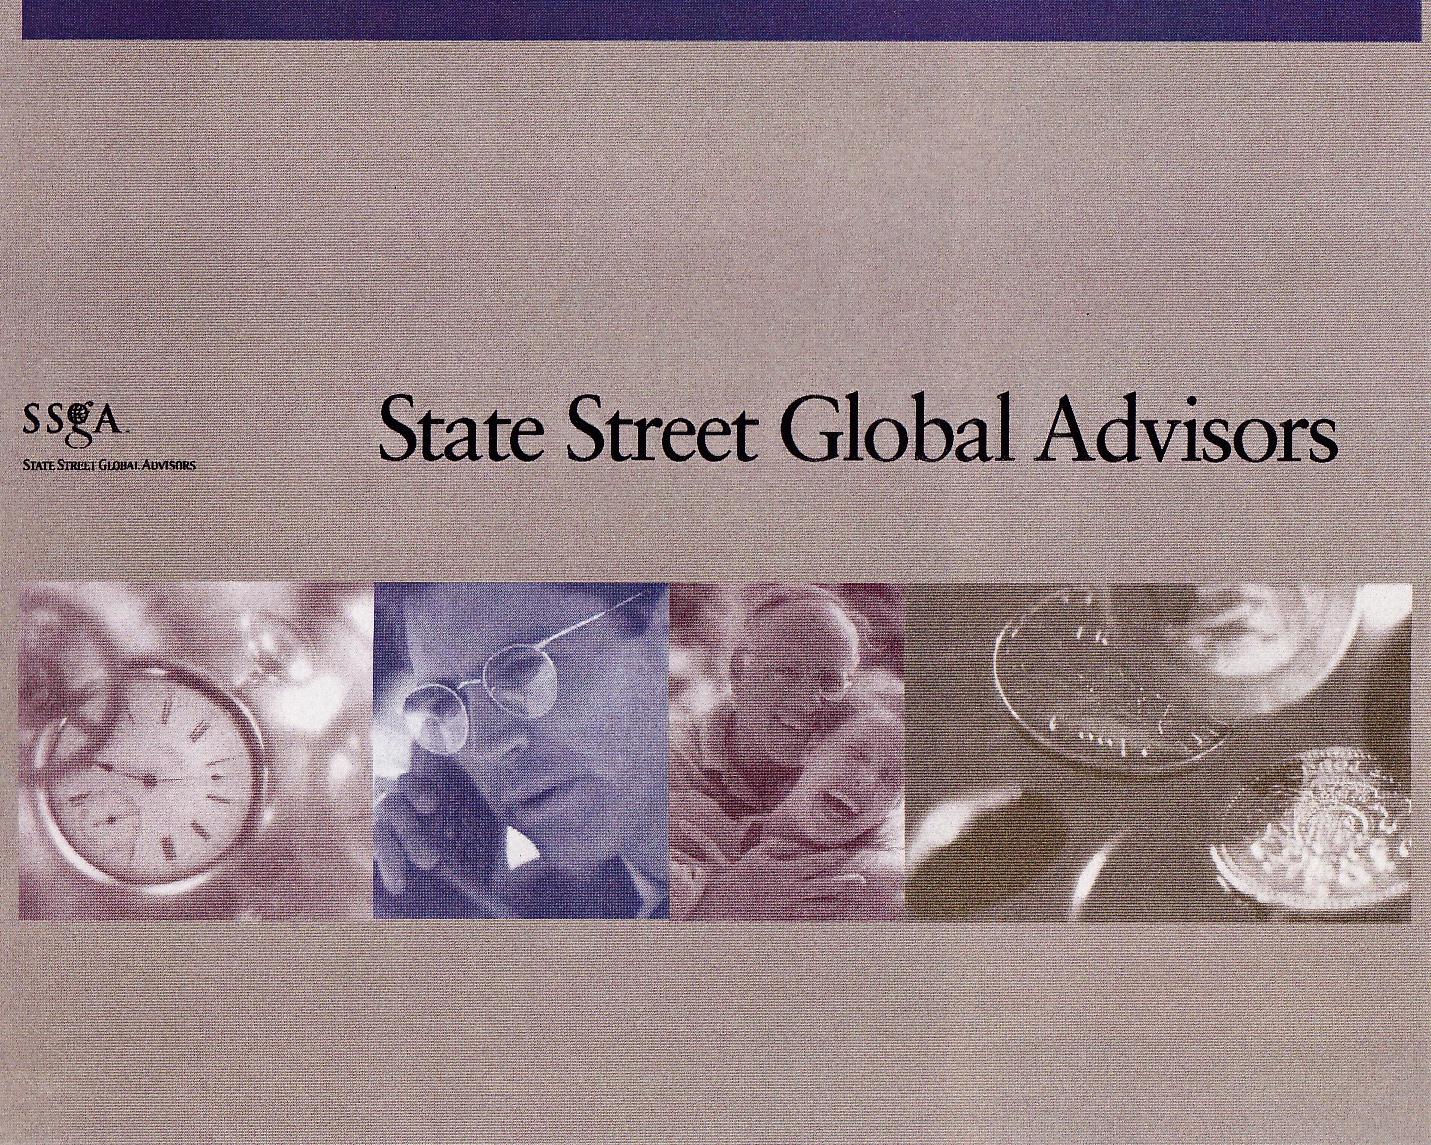 SSgA Brochure Cover